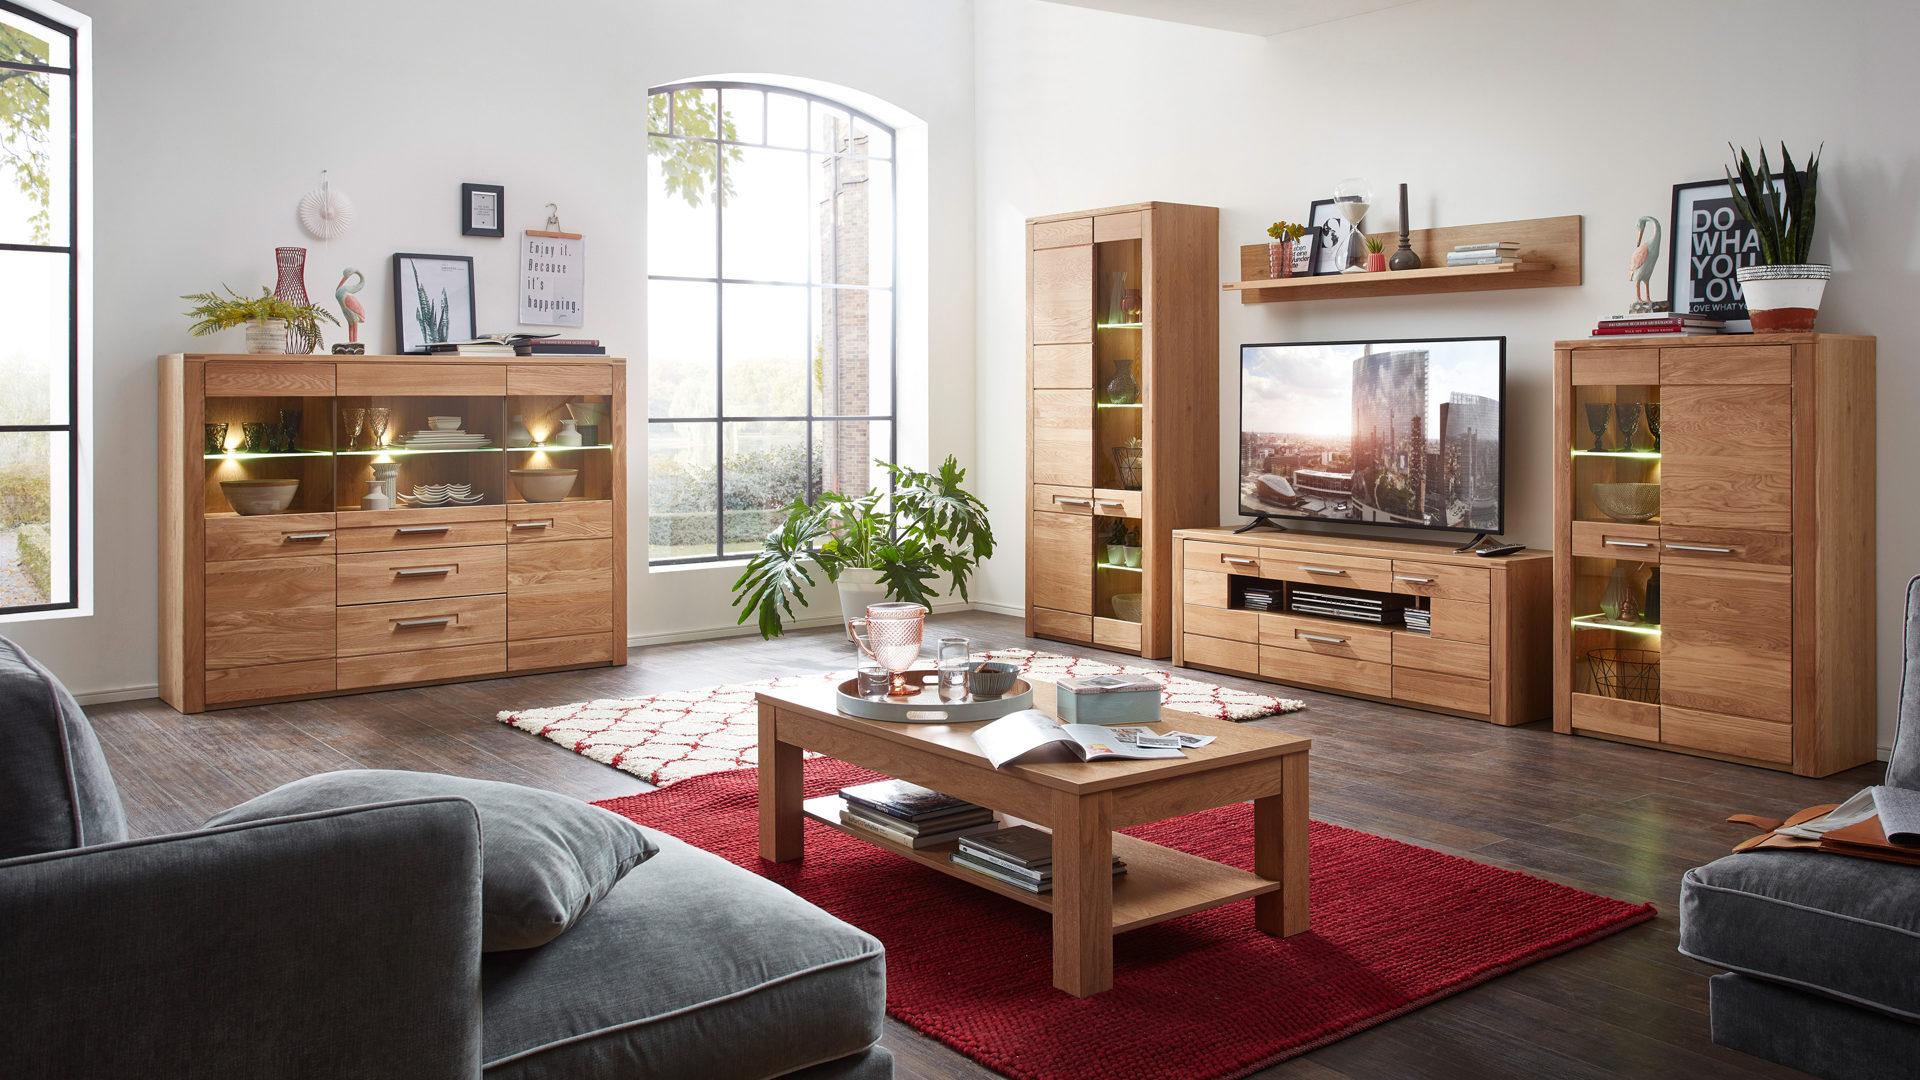 Blickfang Wohnzimmermöbel Holz Das Beste Von Kawoo Vitrine Nature Two Als Wohnzimmermöbel